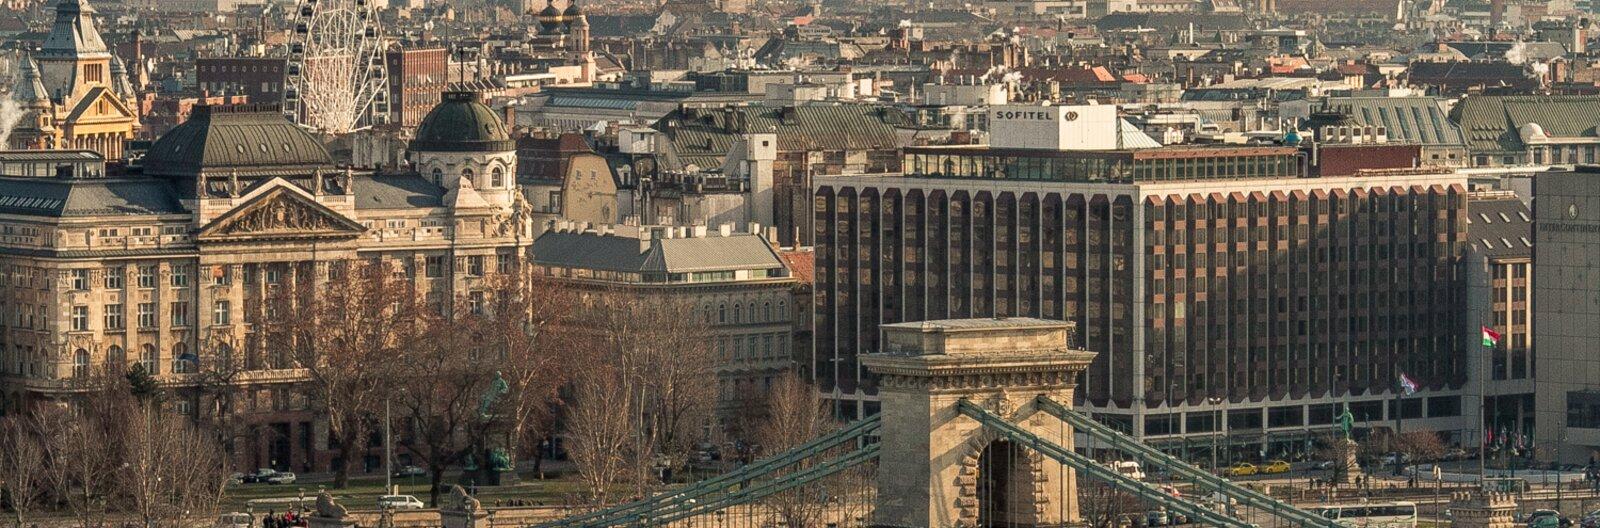 Buda és Pest között - a város hídjai